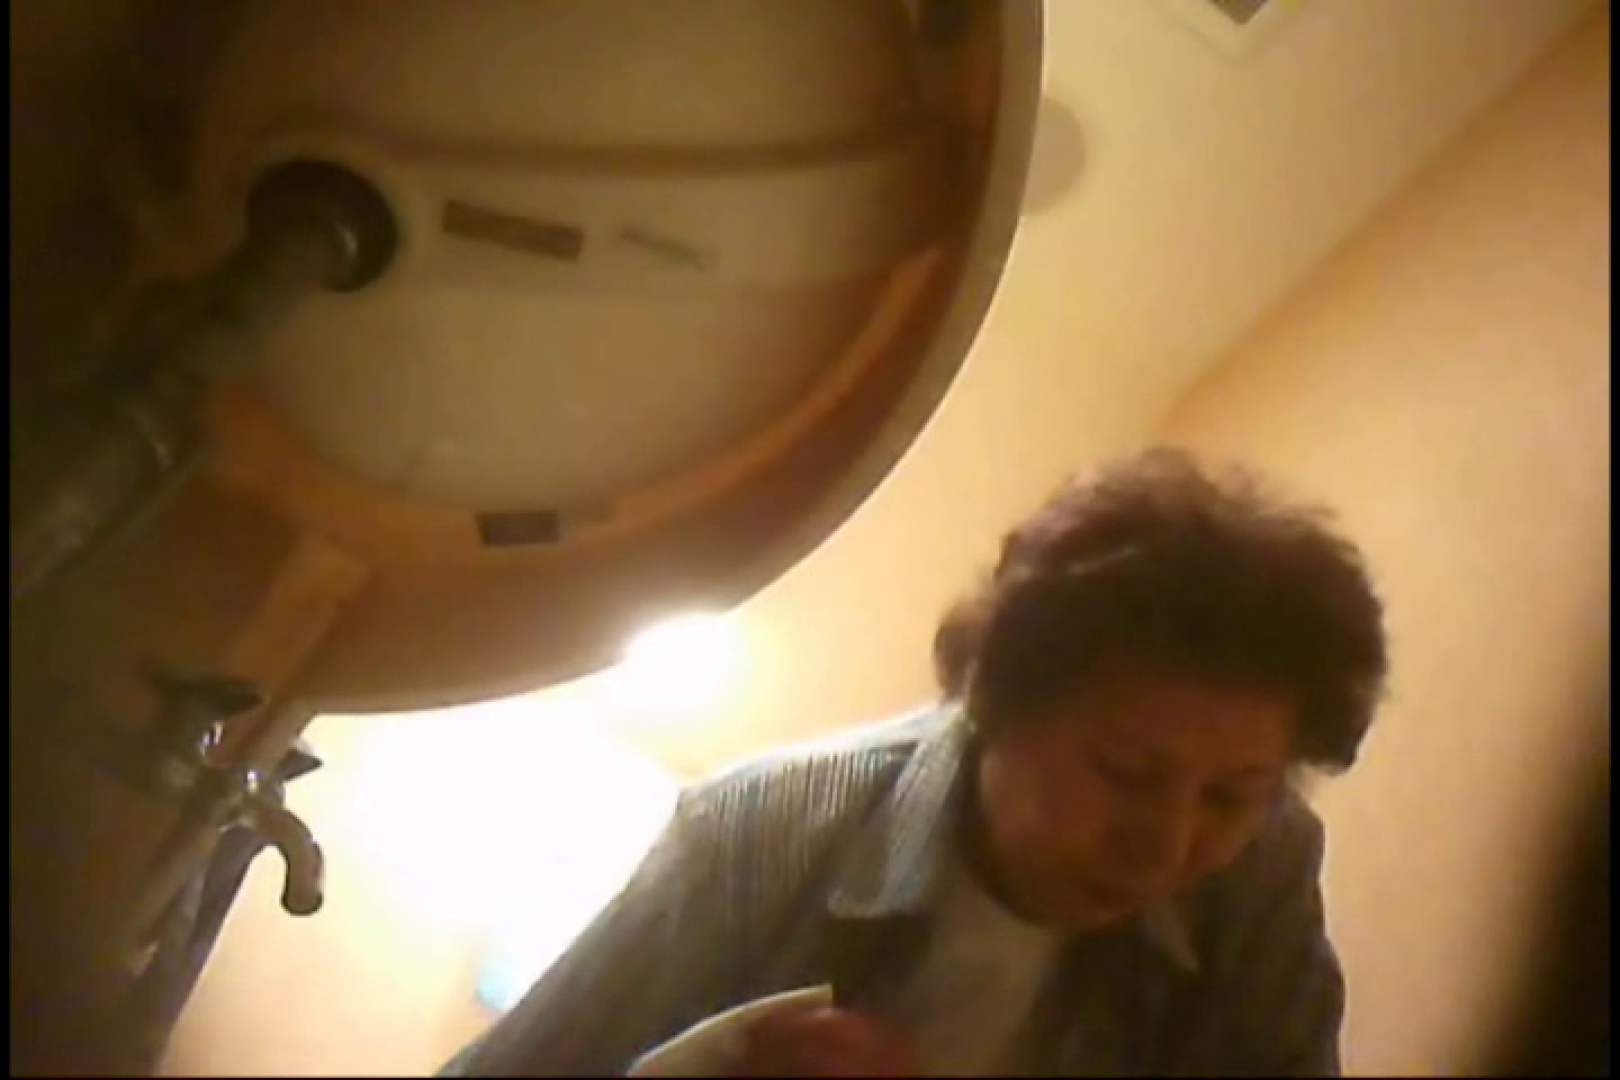 潜入!!女子化粧室盗撮~絶対見られたくない時間~vo,130 熟女のエロ動画 ヌード画像 100PIX 23